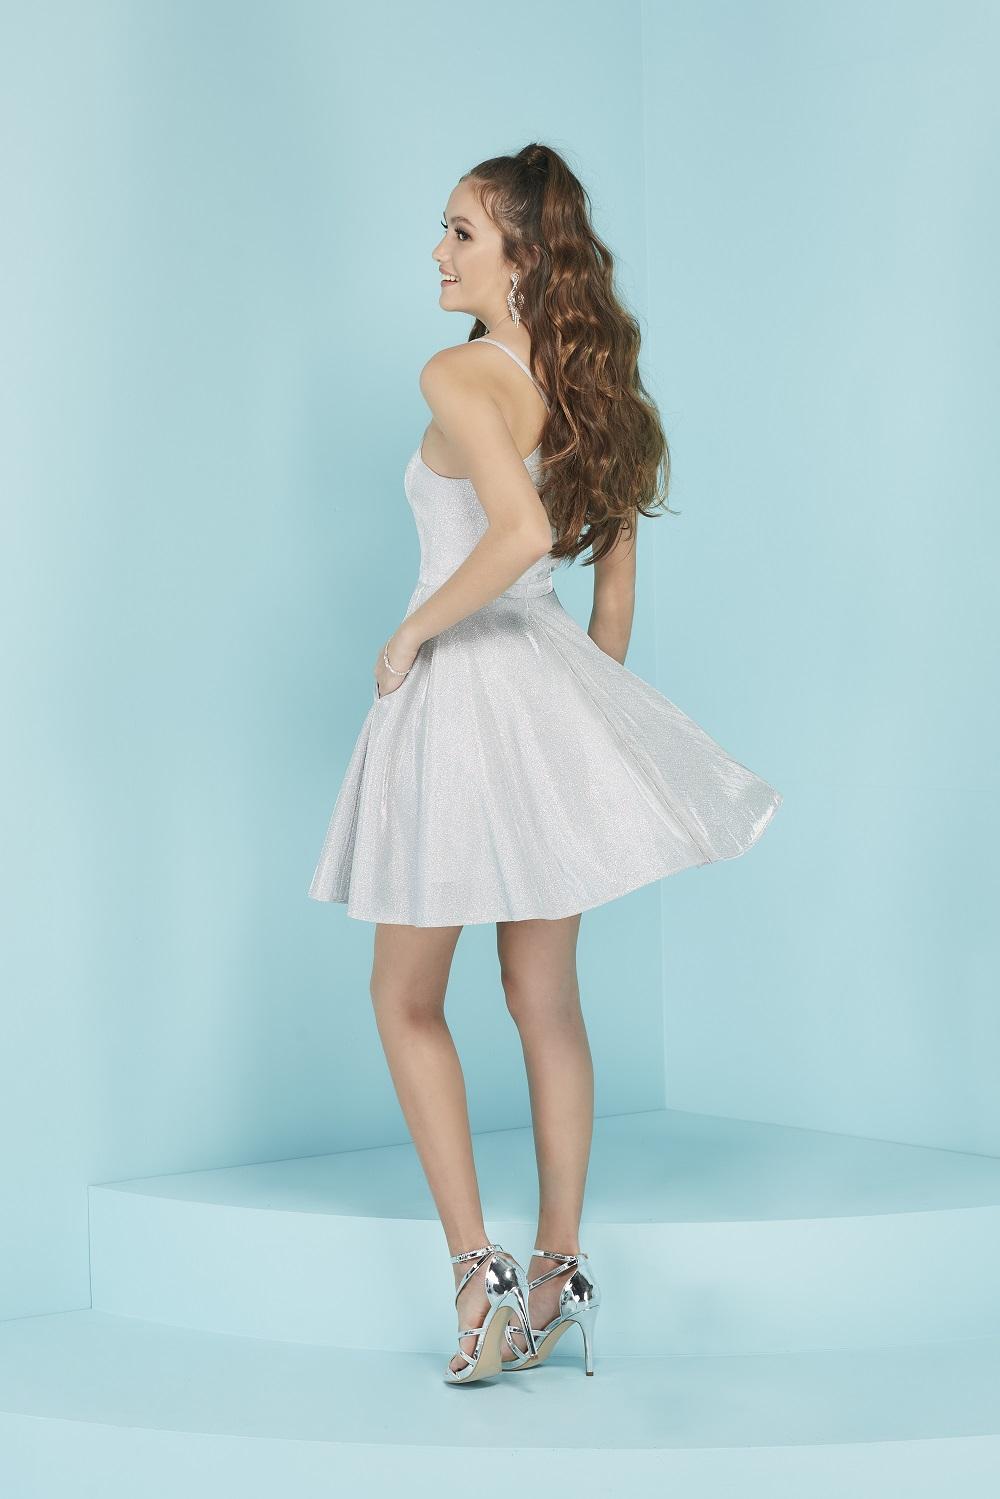 prom-dresses-jacquelin-bridals-canada-27333